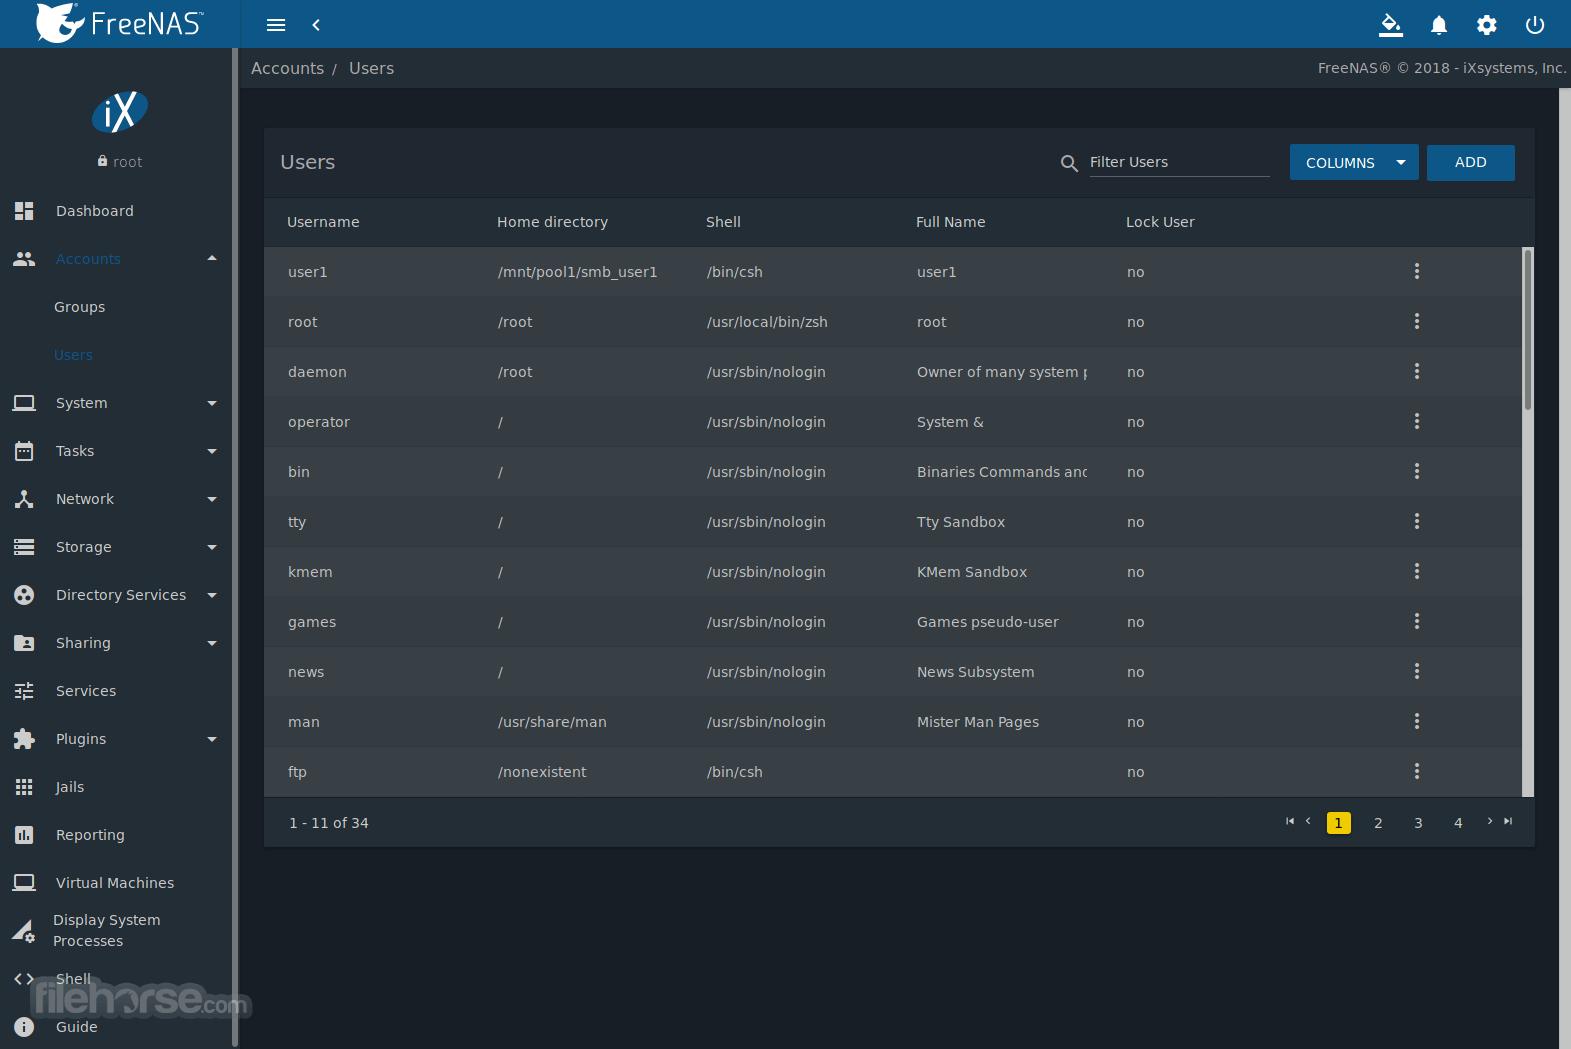 FreeNAS 12.0-U4 Screenshot 4